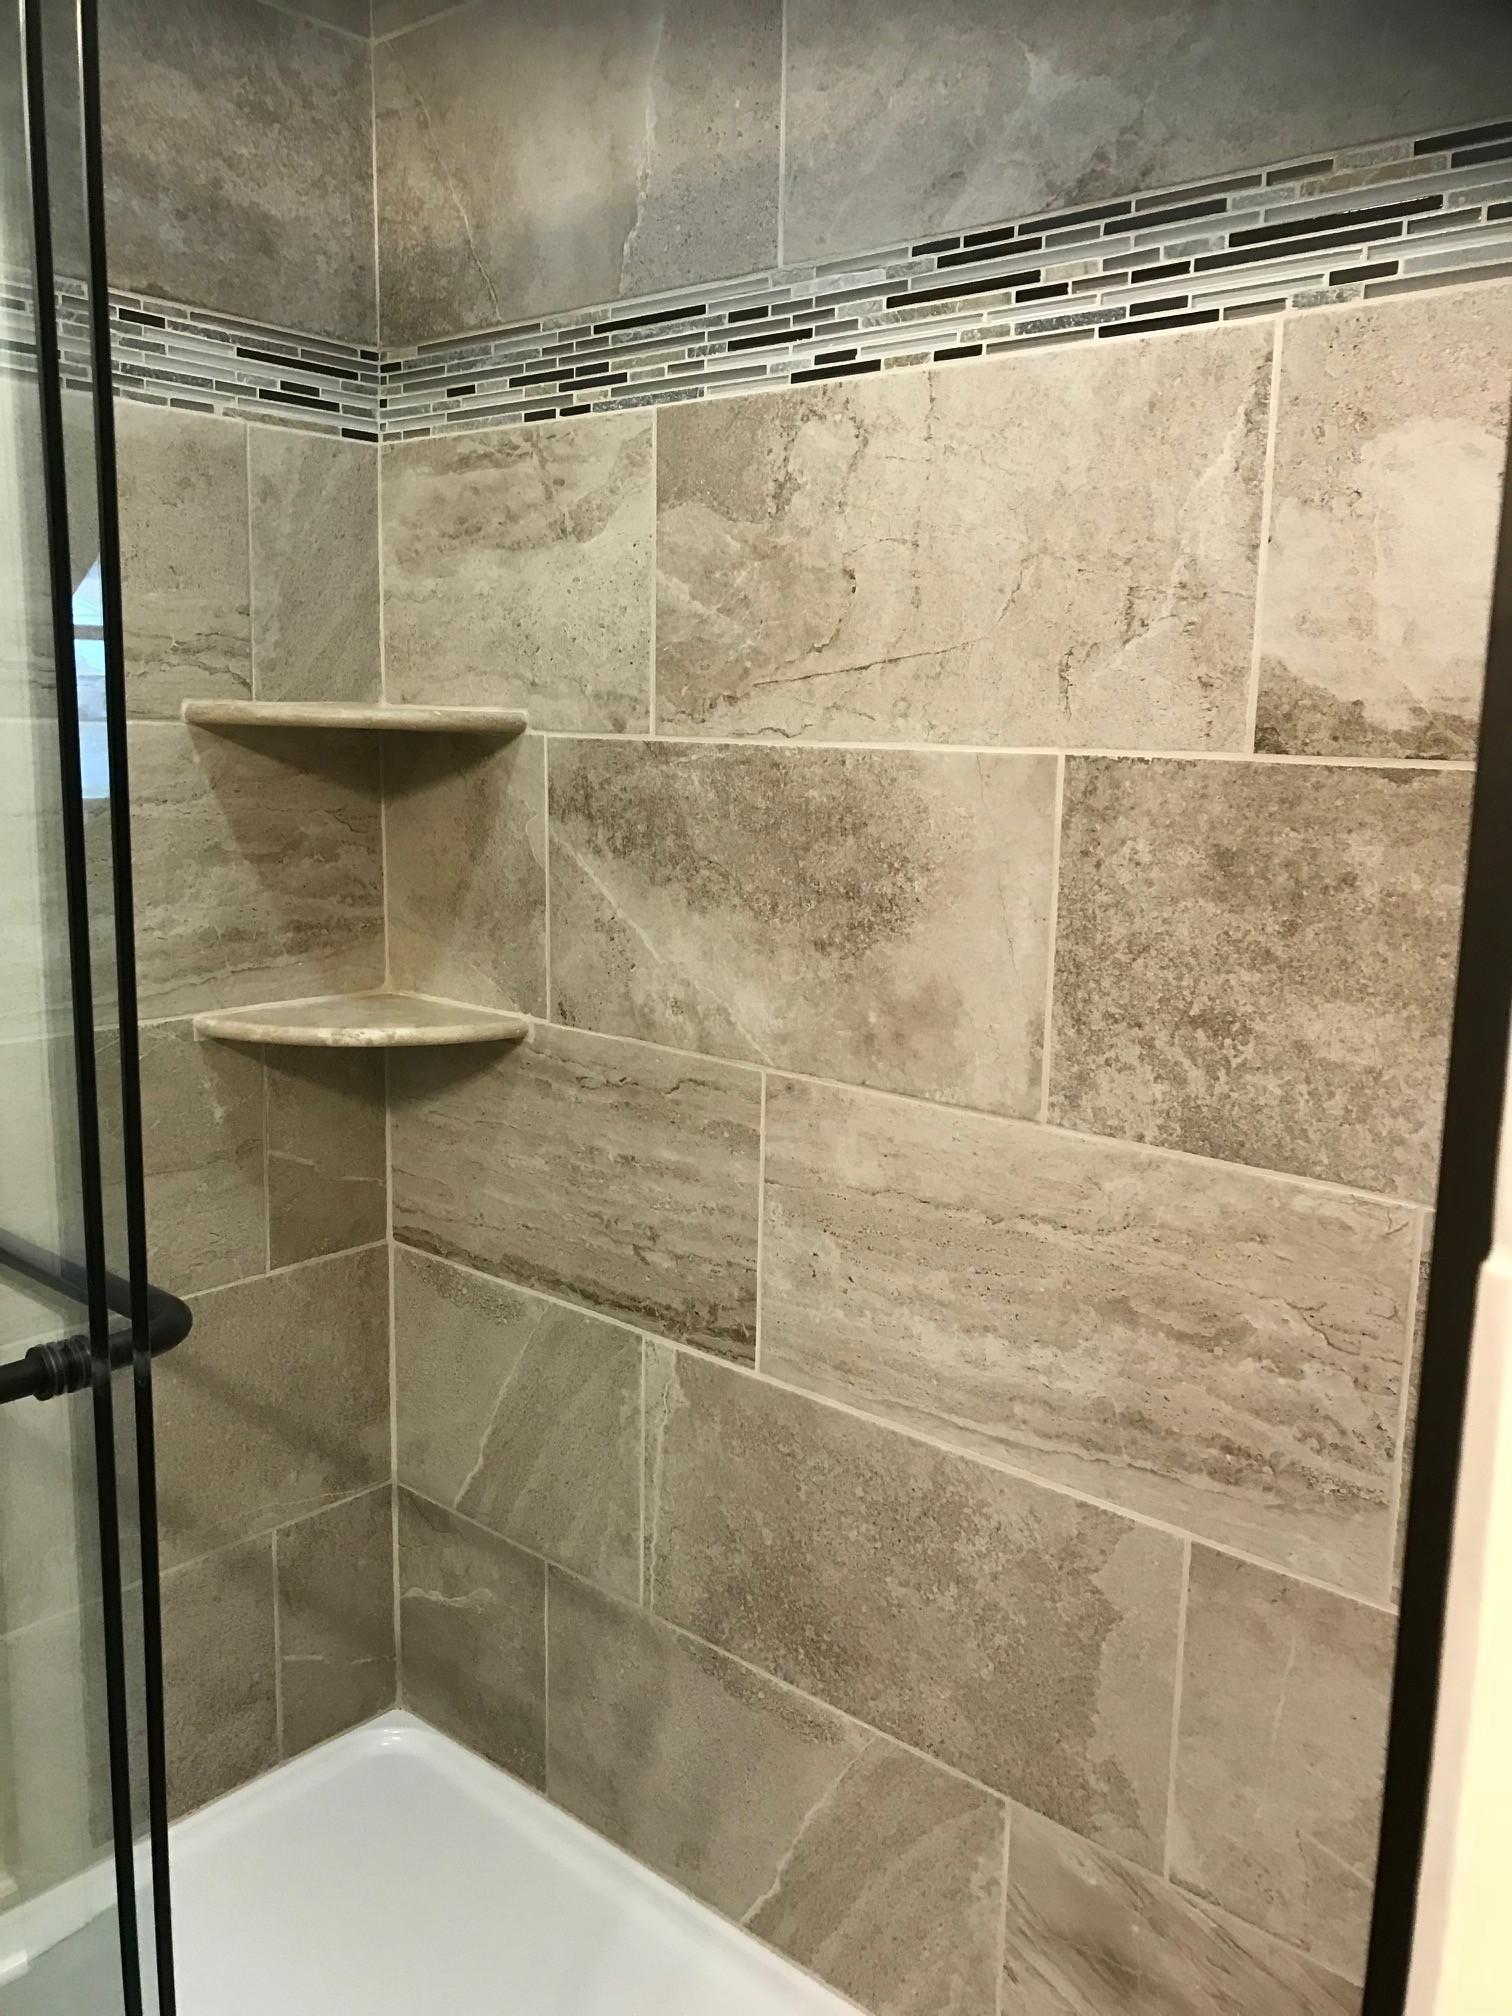 Custom  Ceramic Tile Shower with tile design & shelves